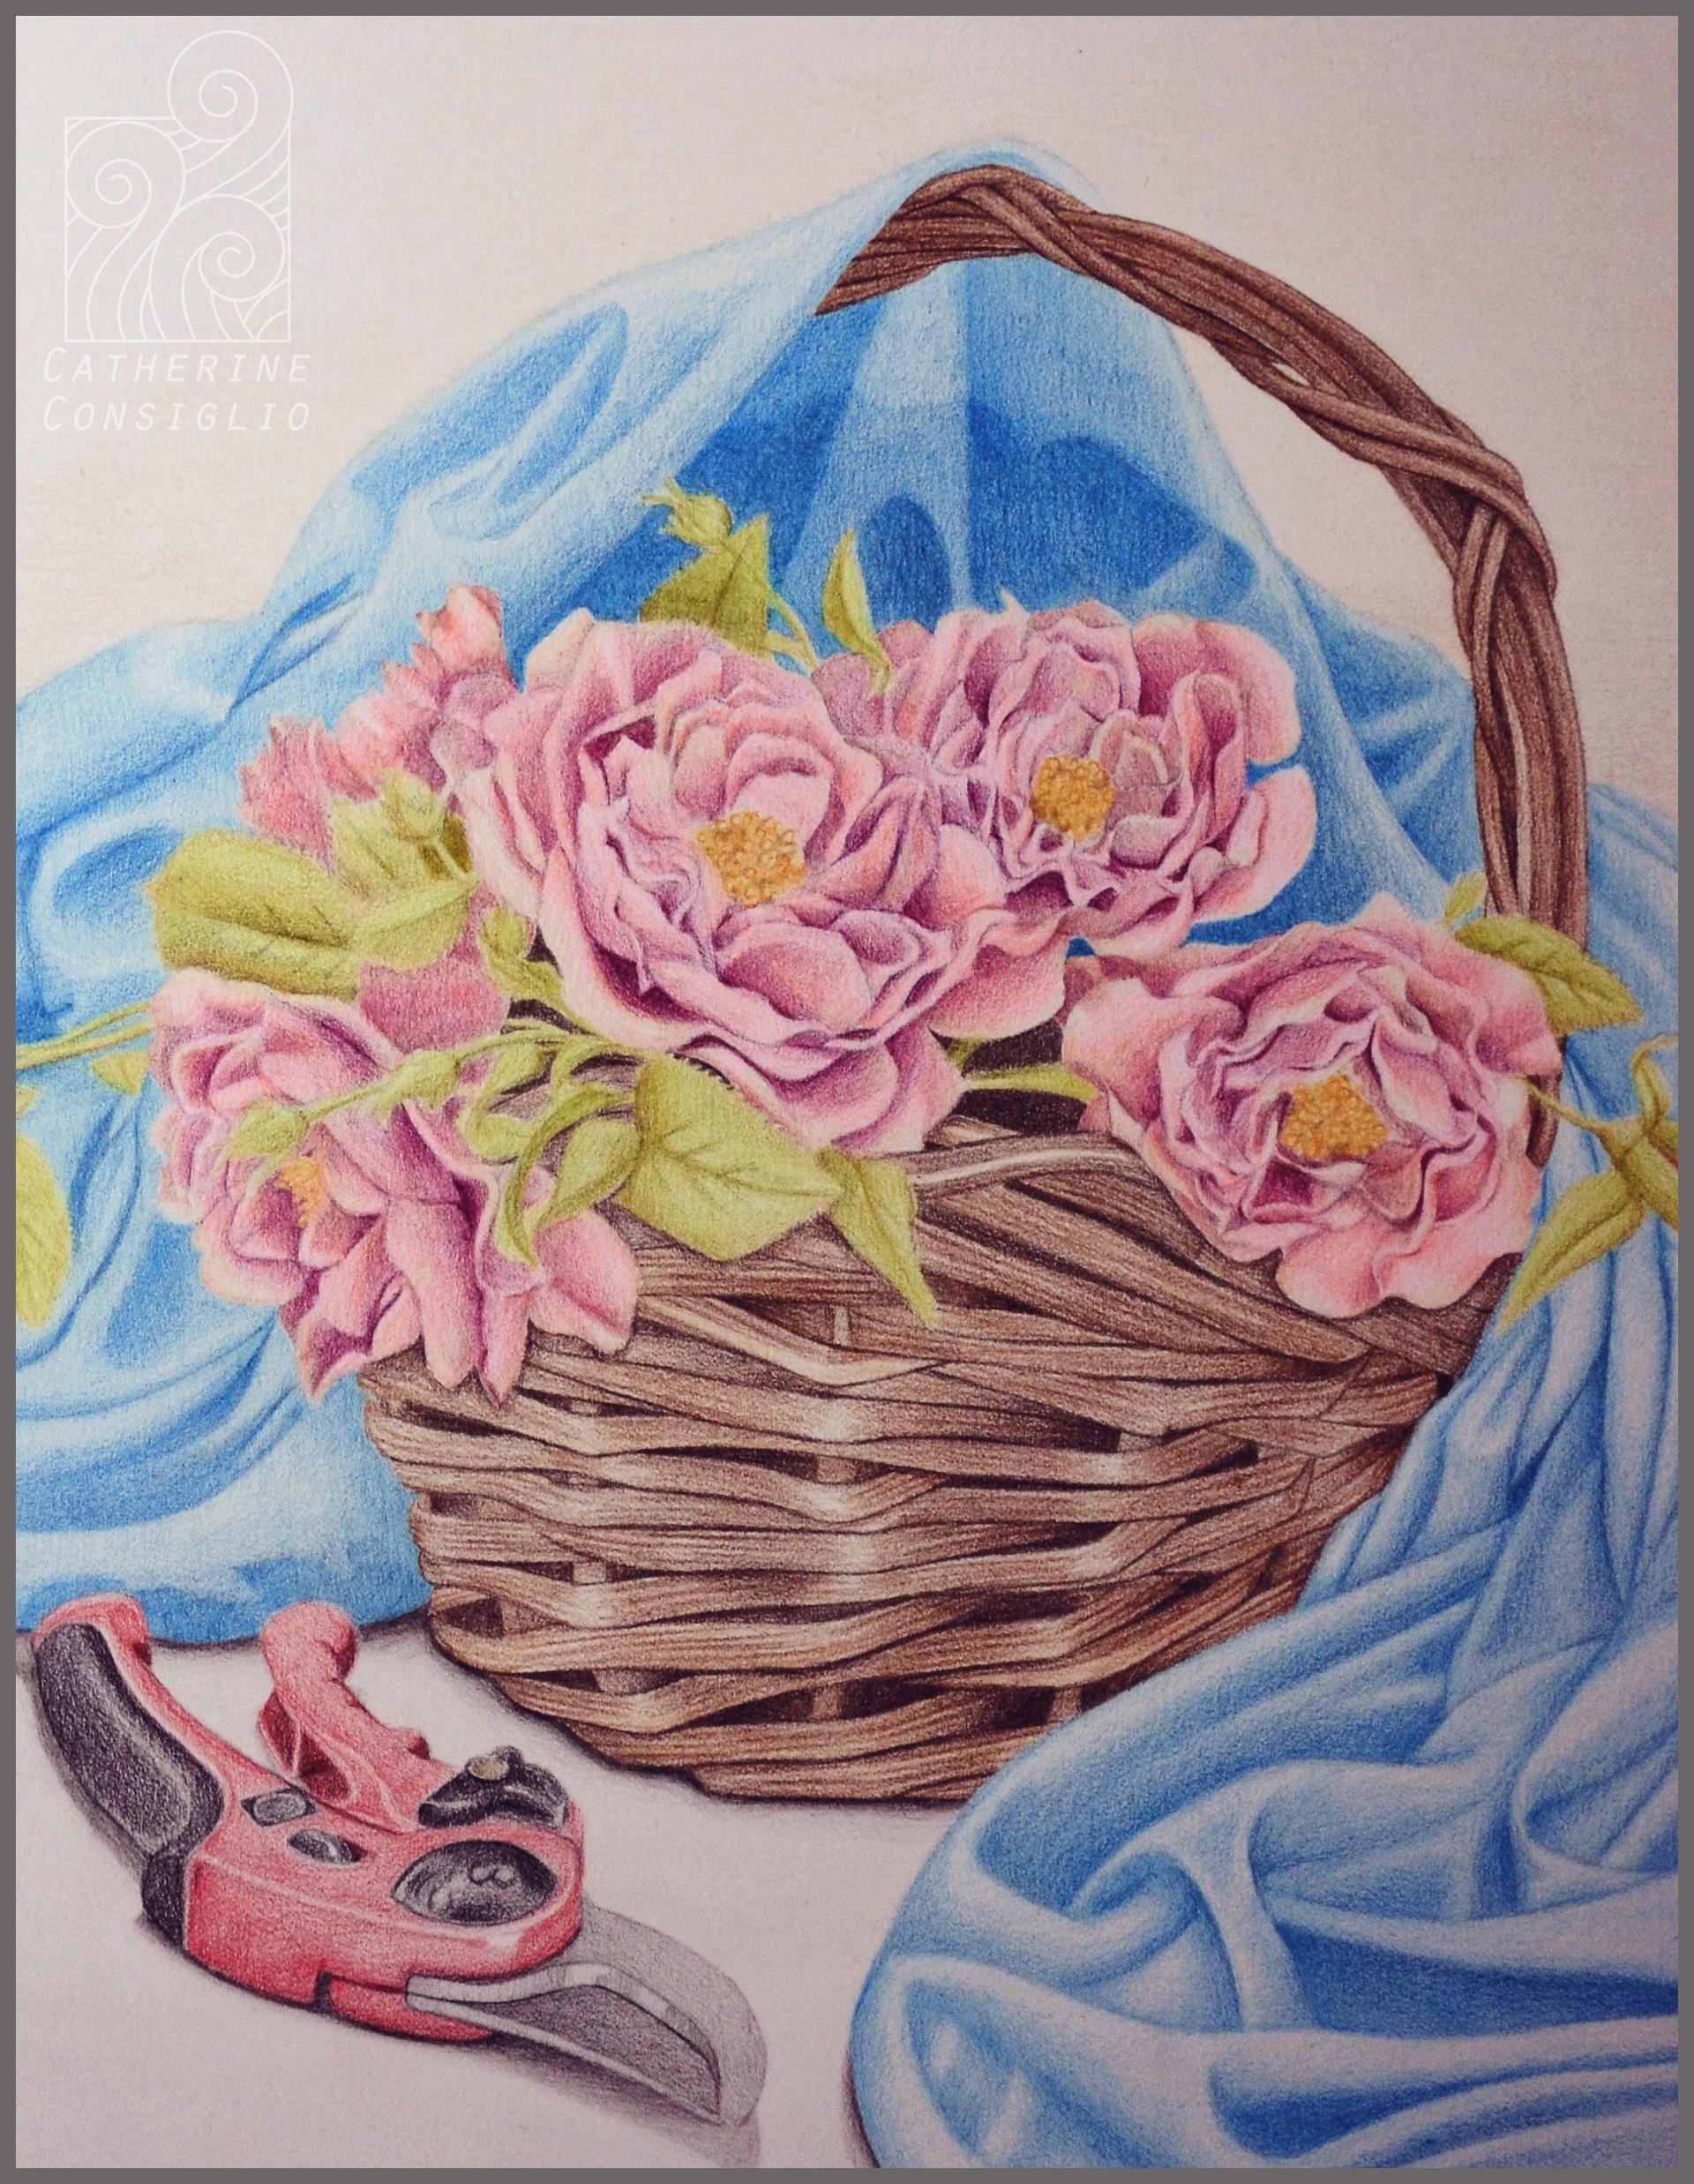 Catherine consiglio flowerbasketnew